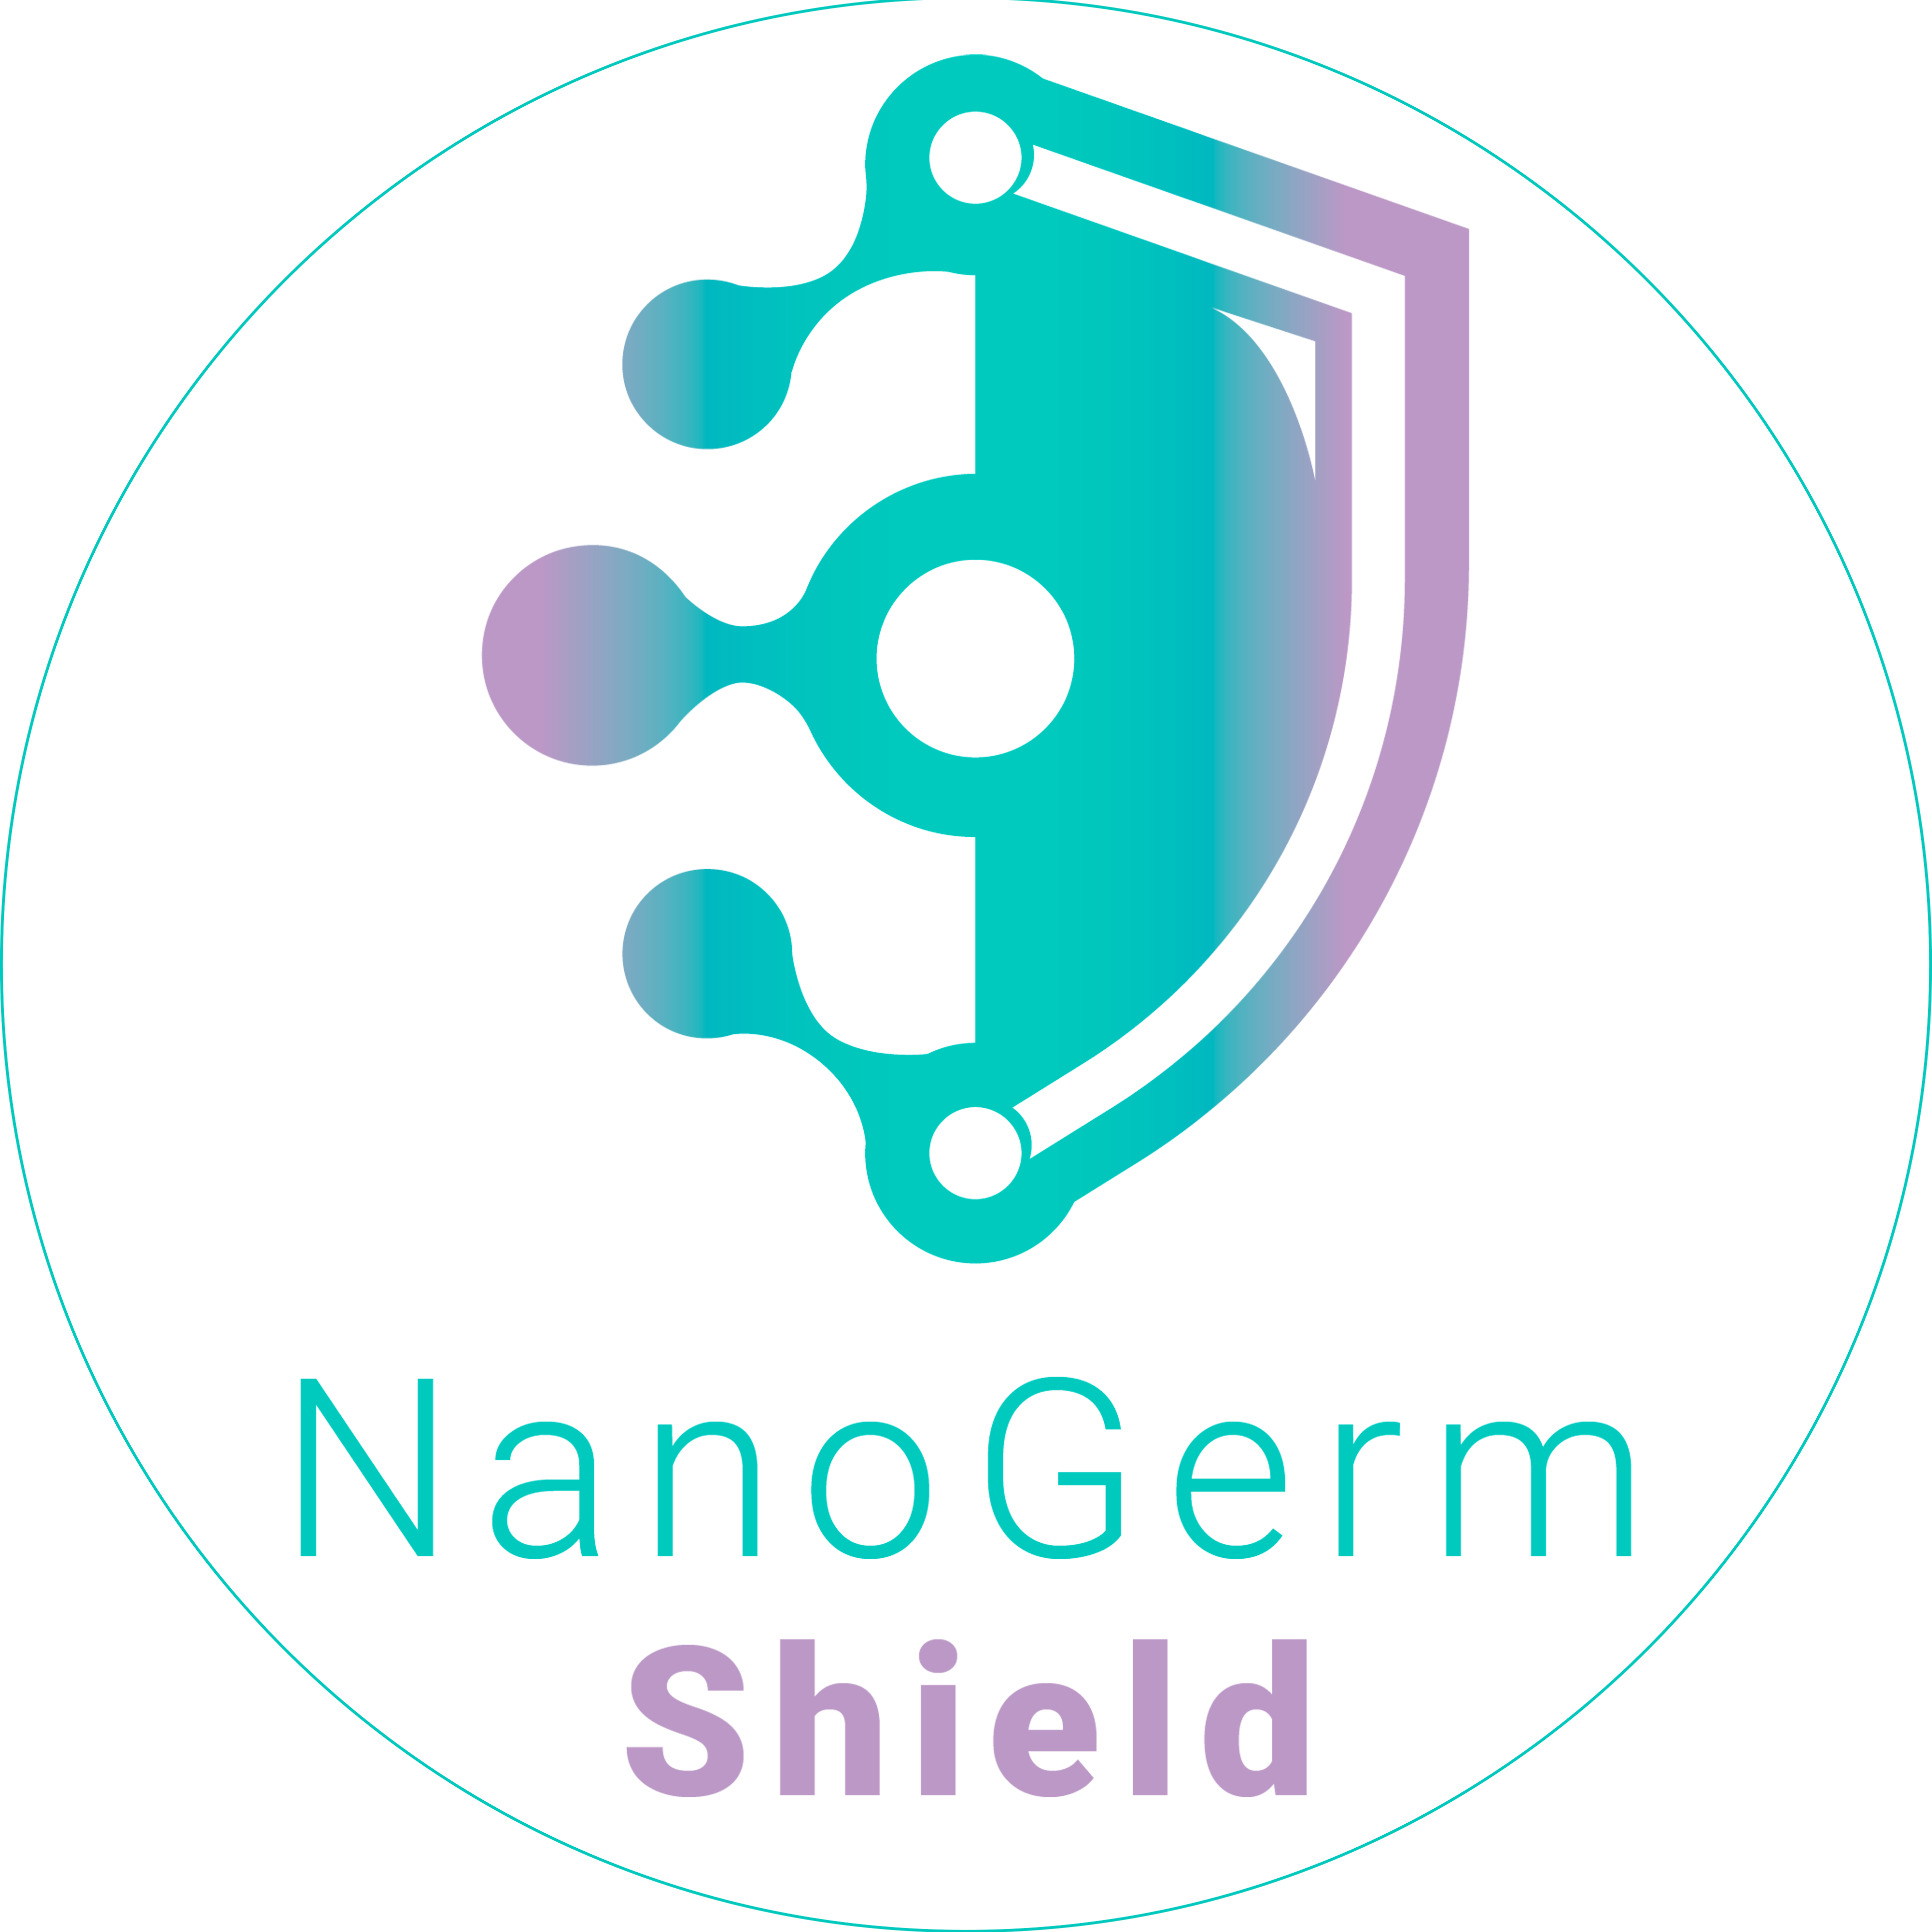 nanogermshield-logo